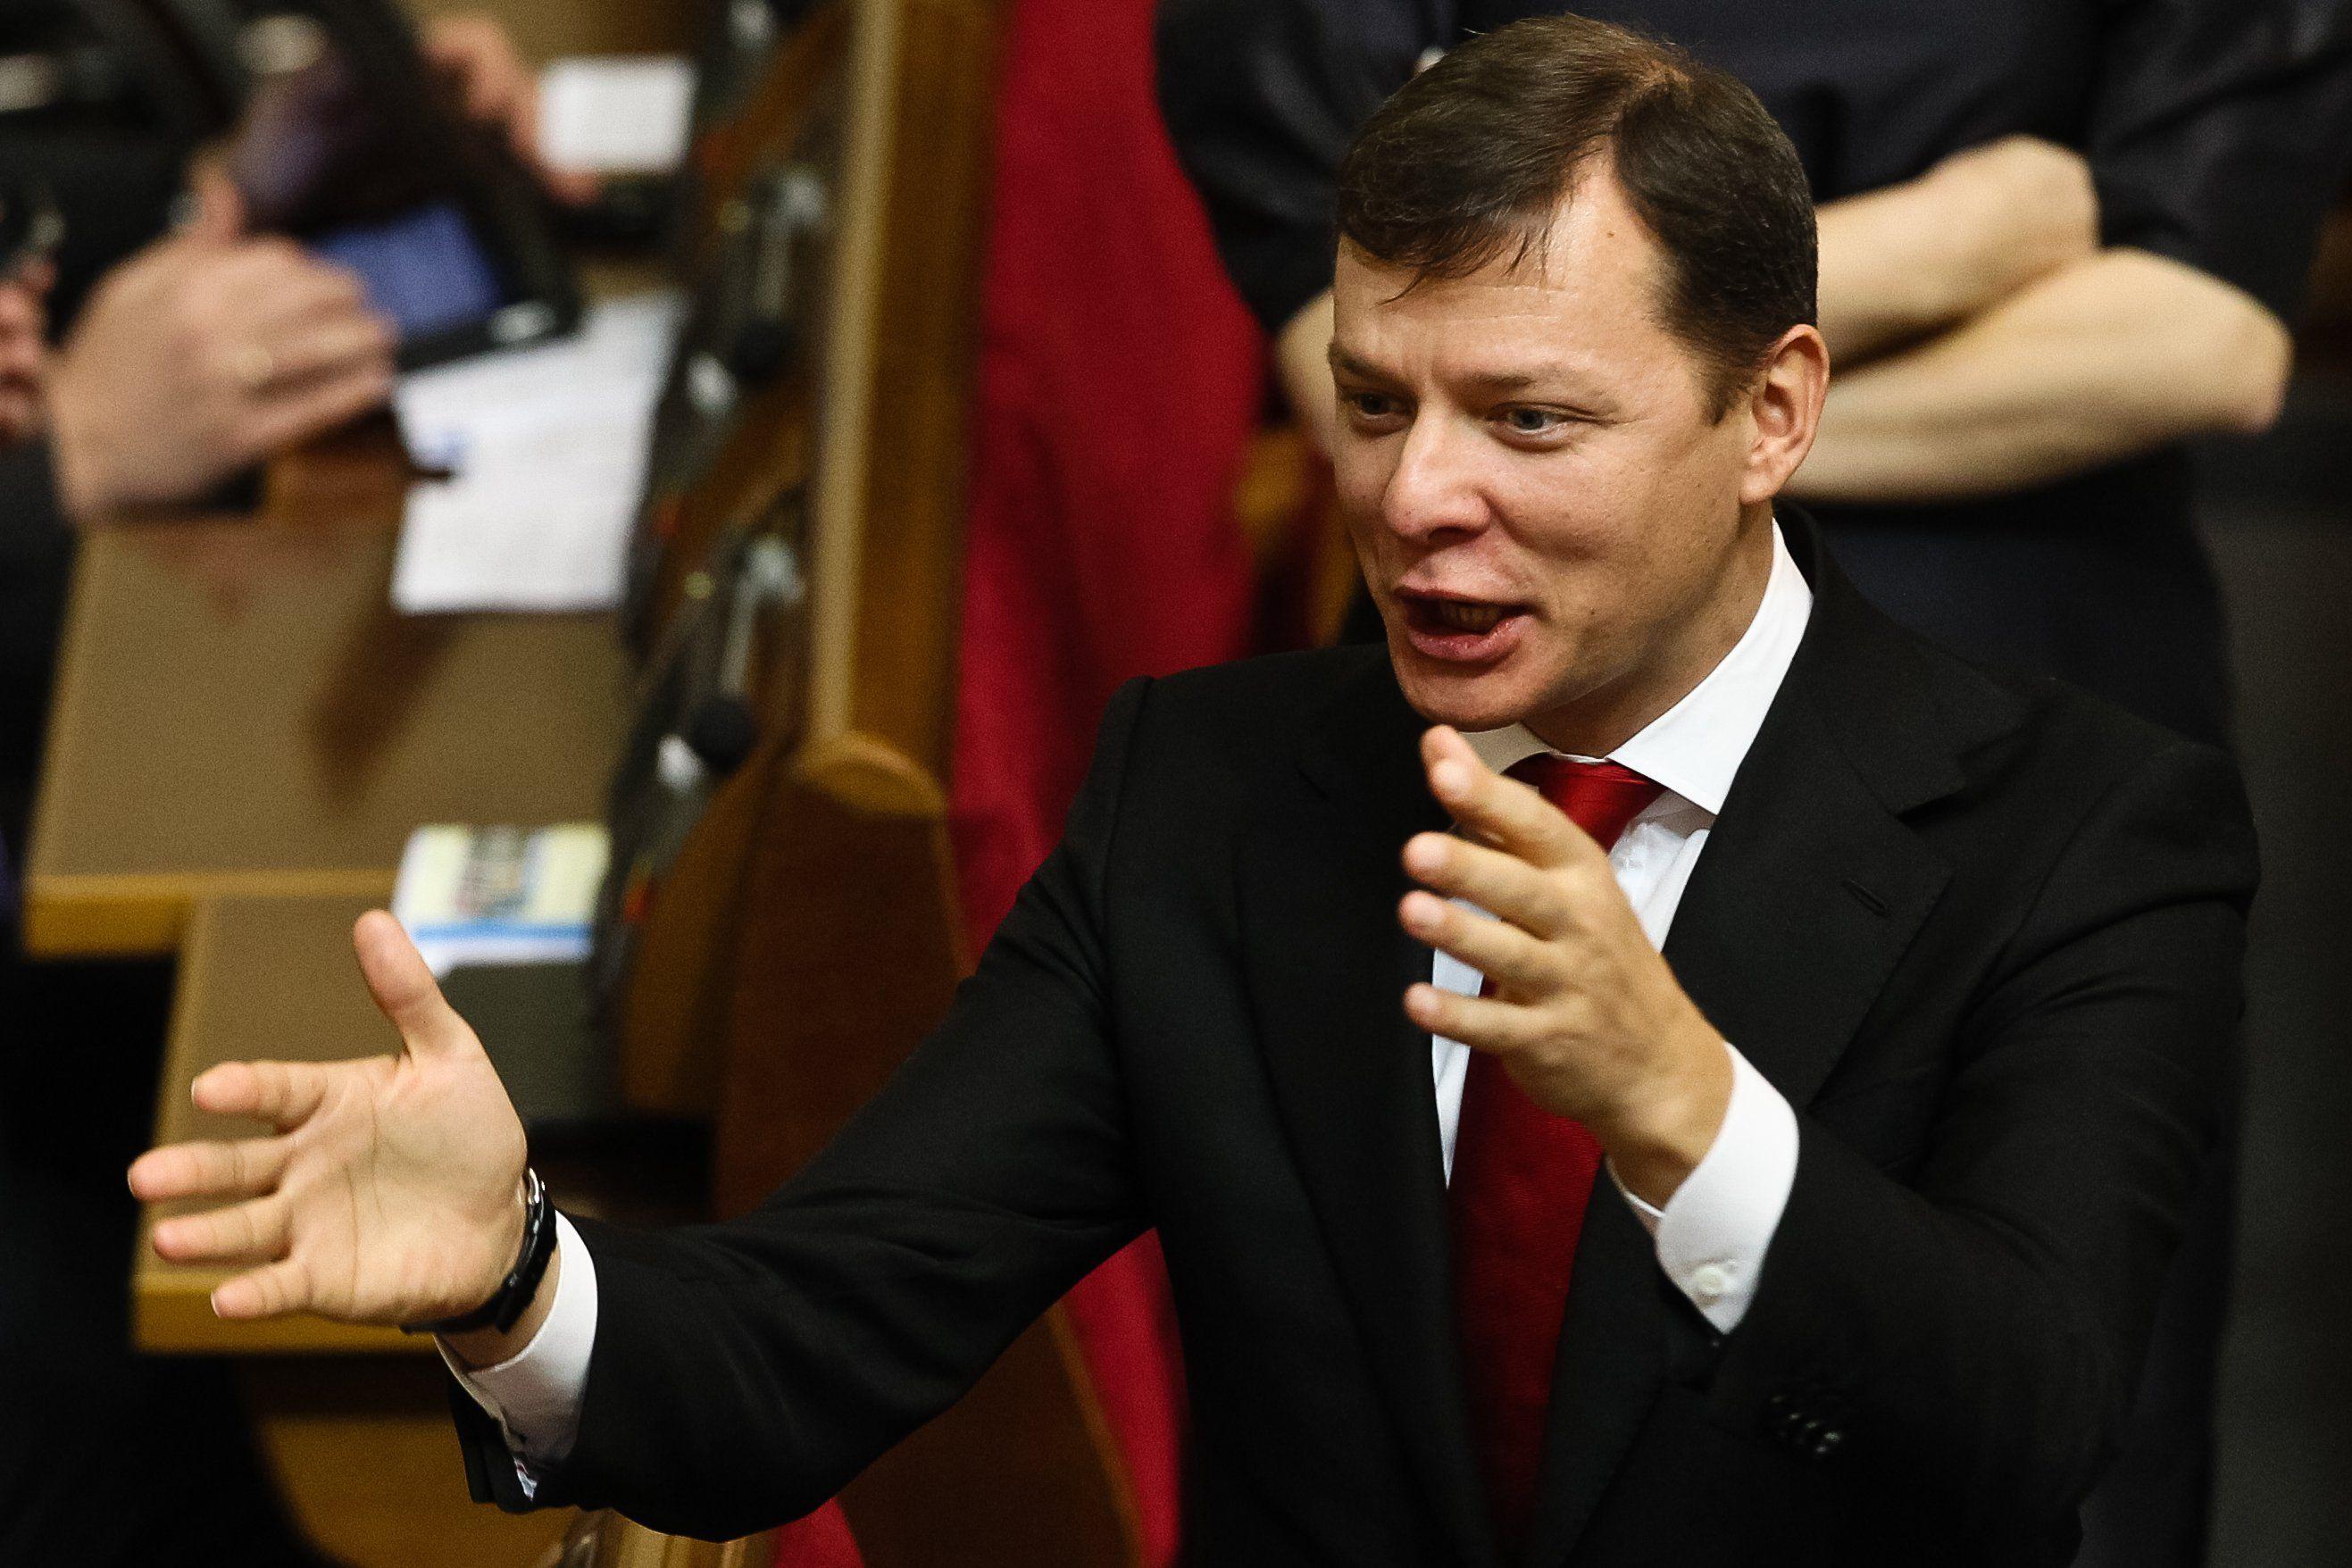 На Украине хотят сажать на 10 лет за отрицание «российской агрессии»